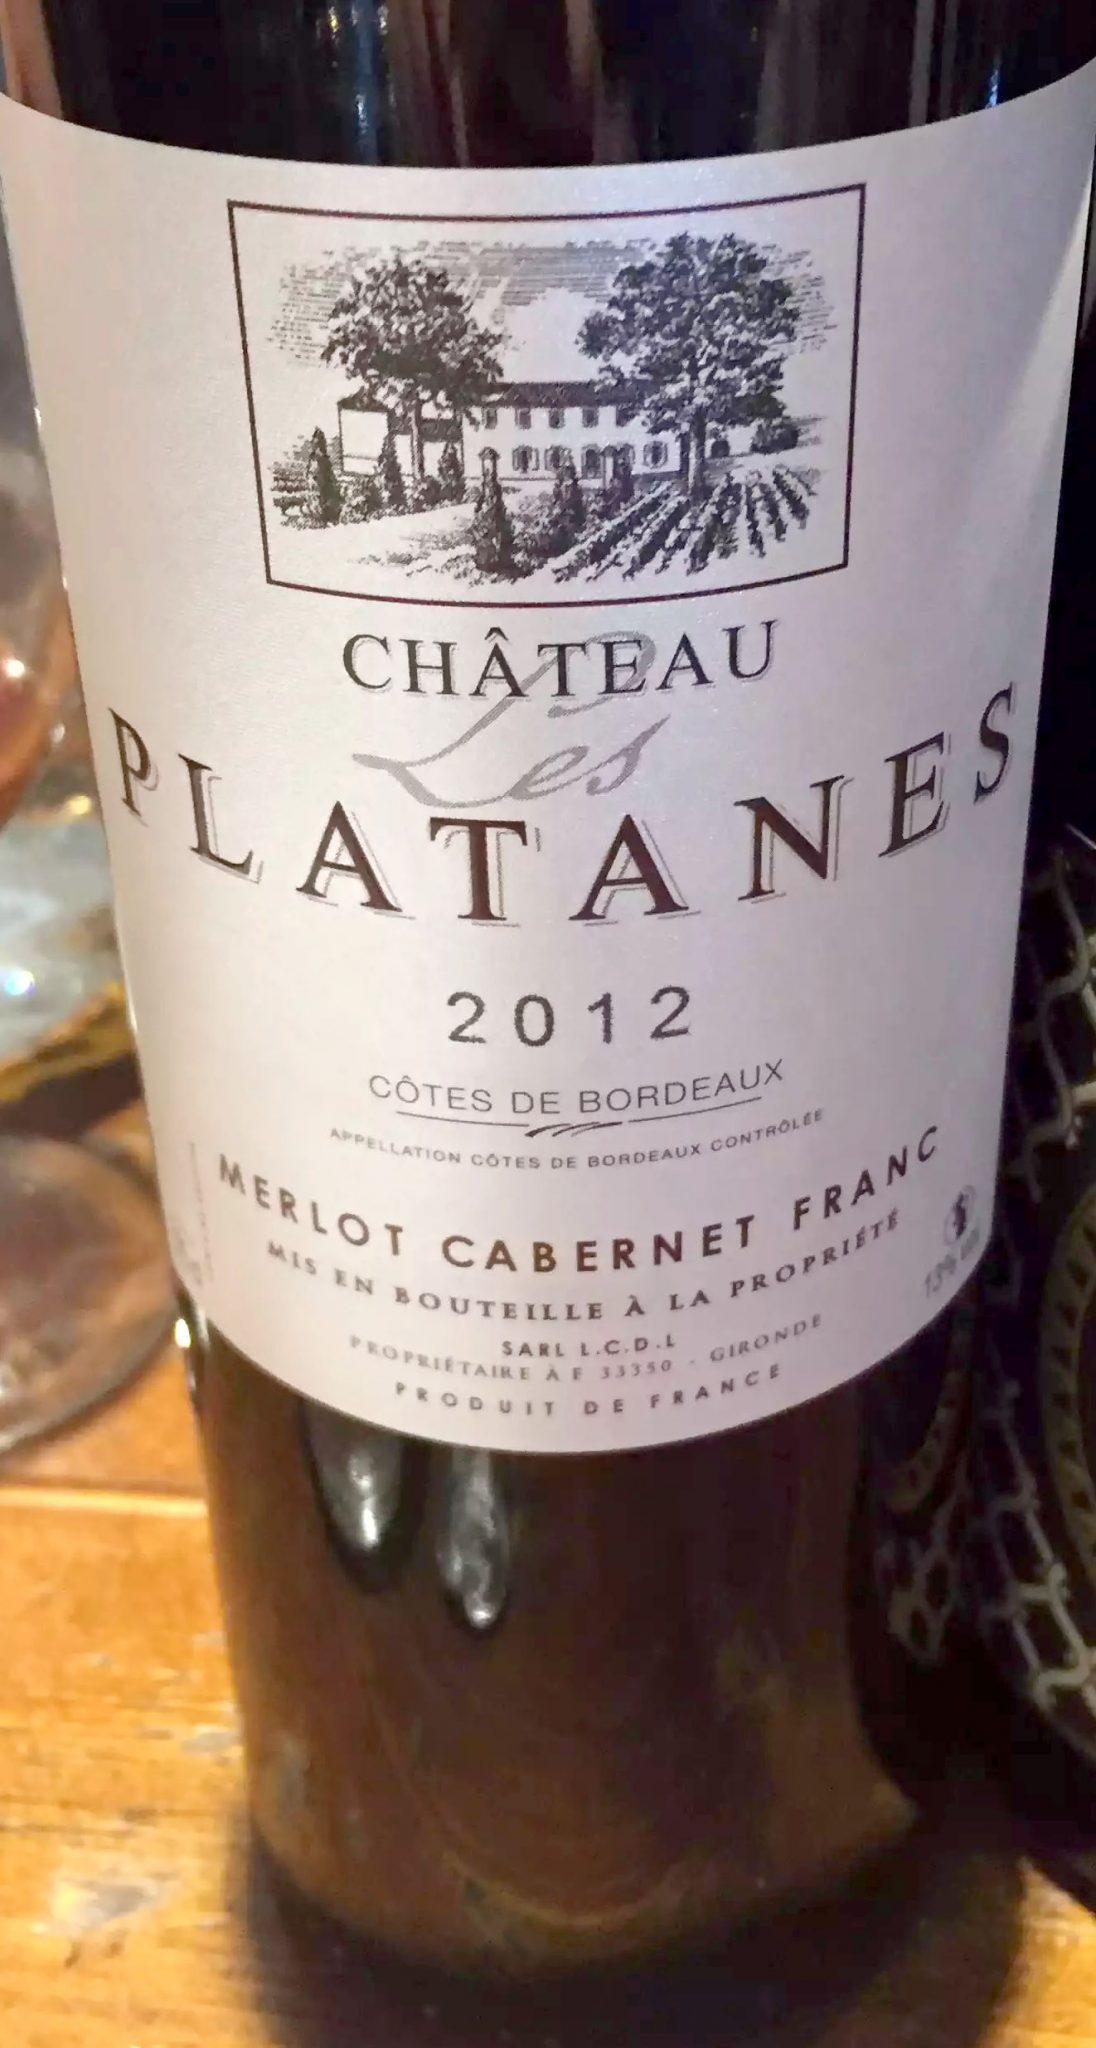 Great Northern Pub St Albans Wine Tasting Dinner Chateau Les Platanes Bordeaux Merlot Cabernet Franc